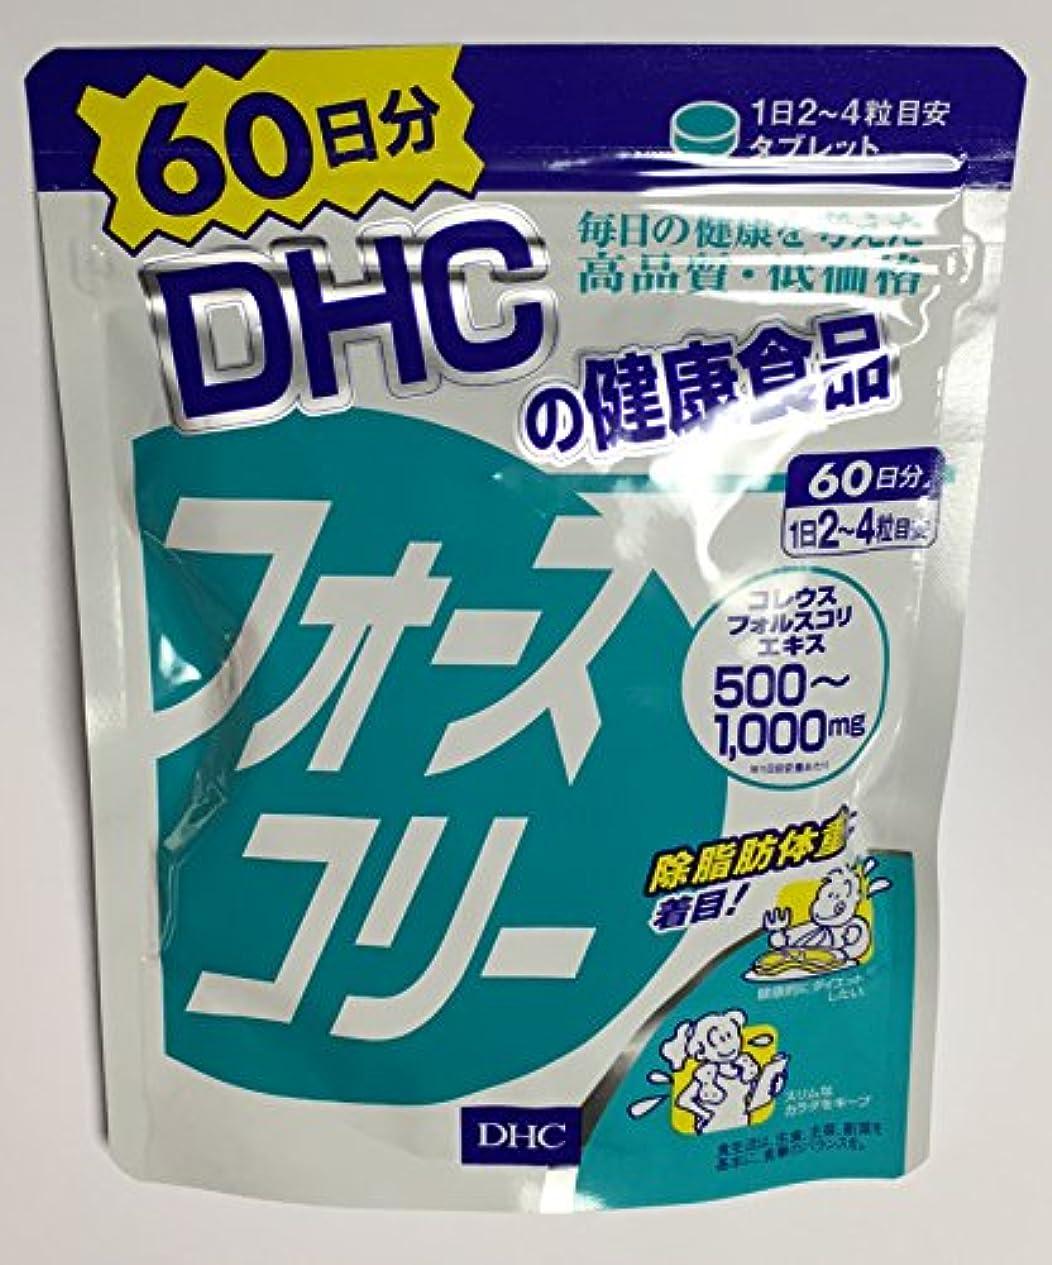 フェードアウト薬理学急襲【大容量】DHC フォースコリー (60日分) 240粒